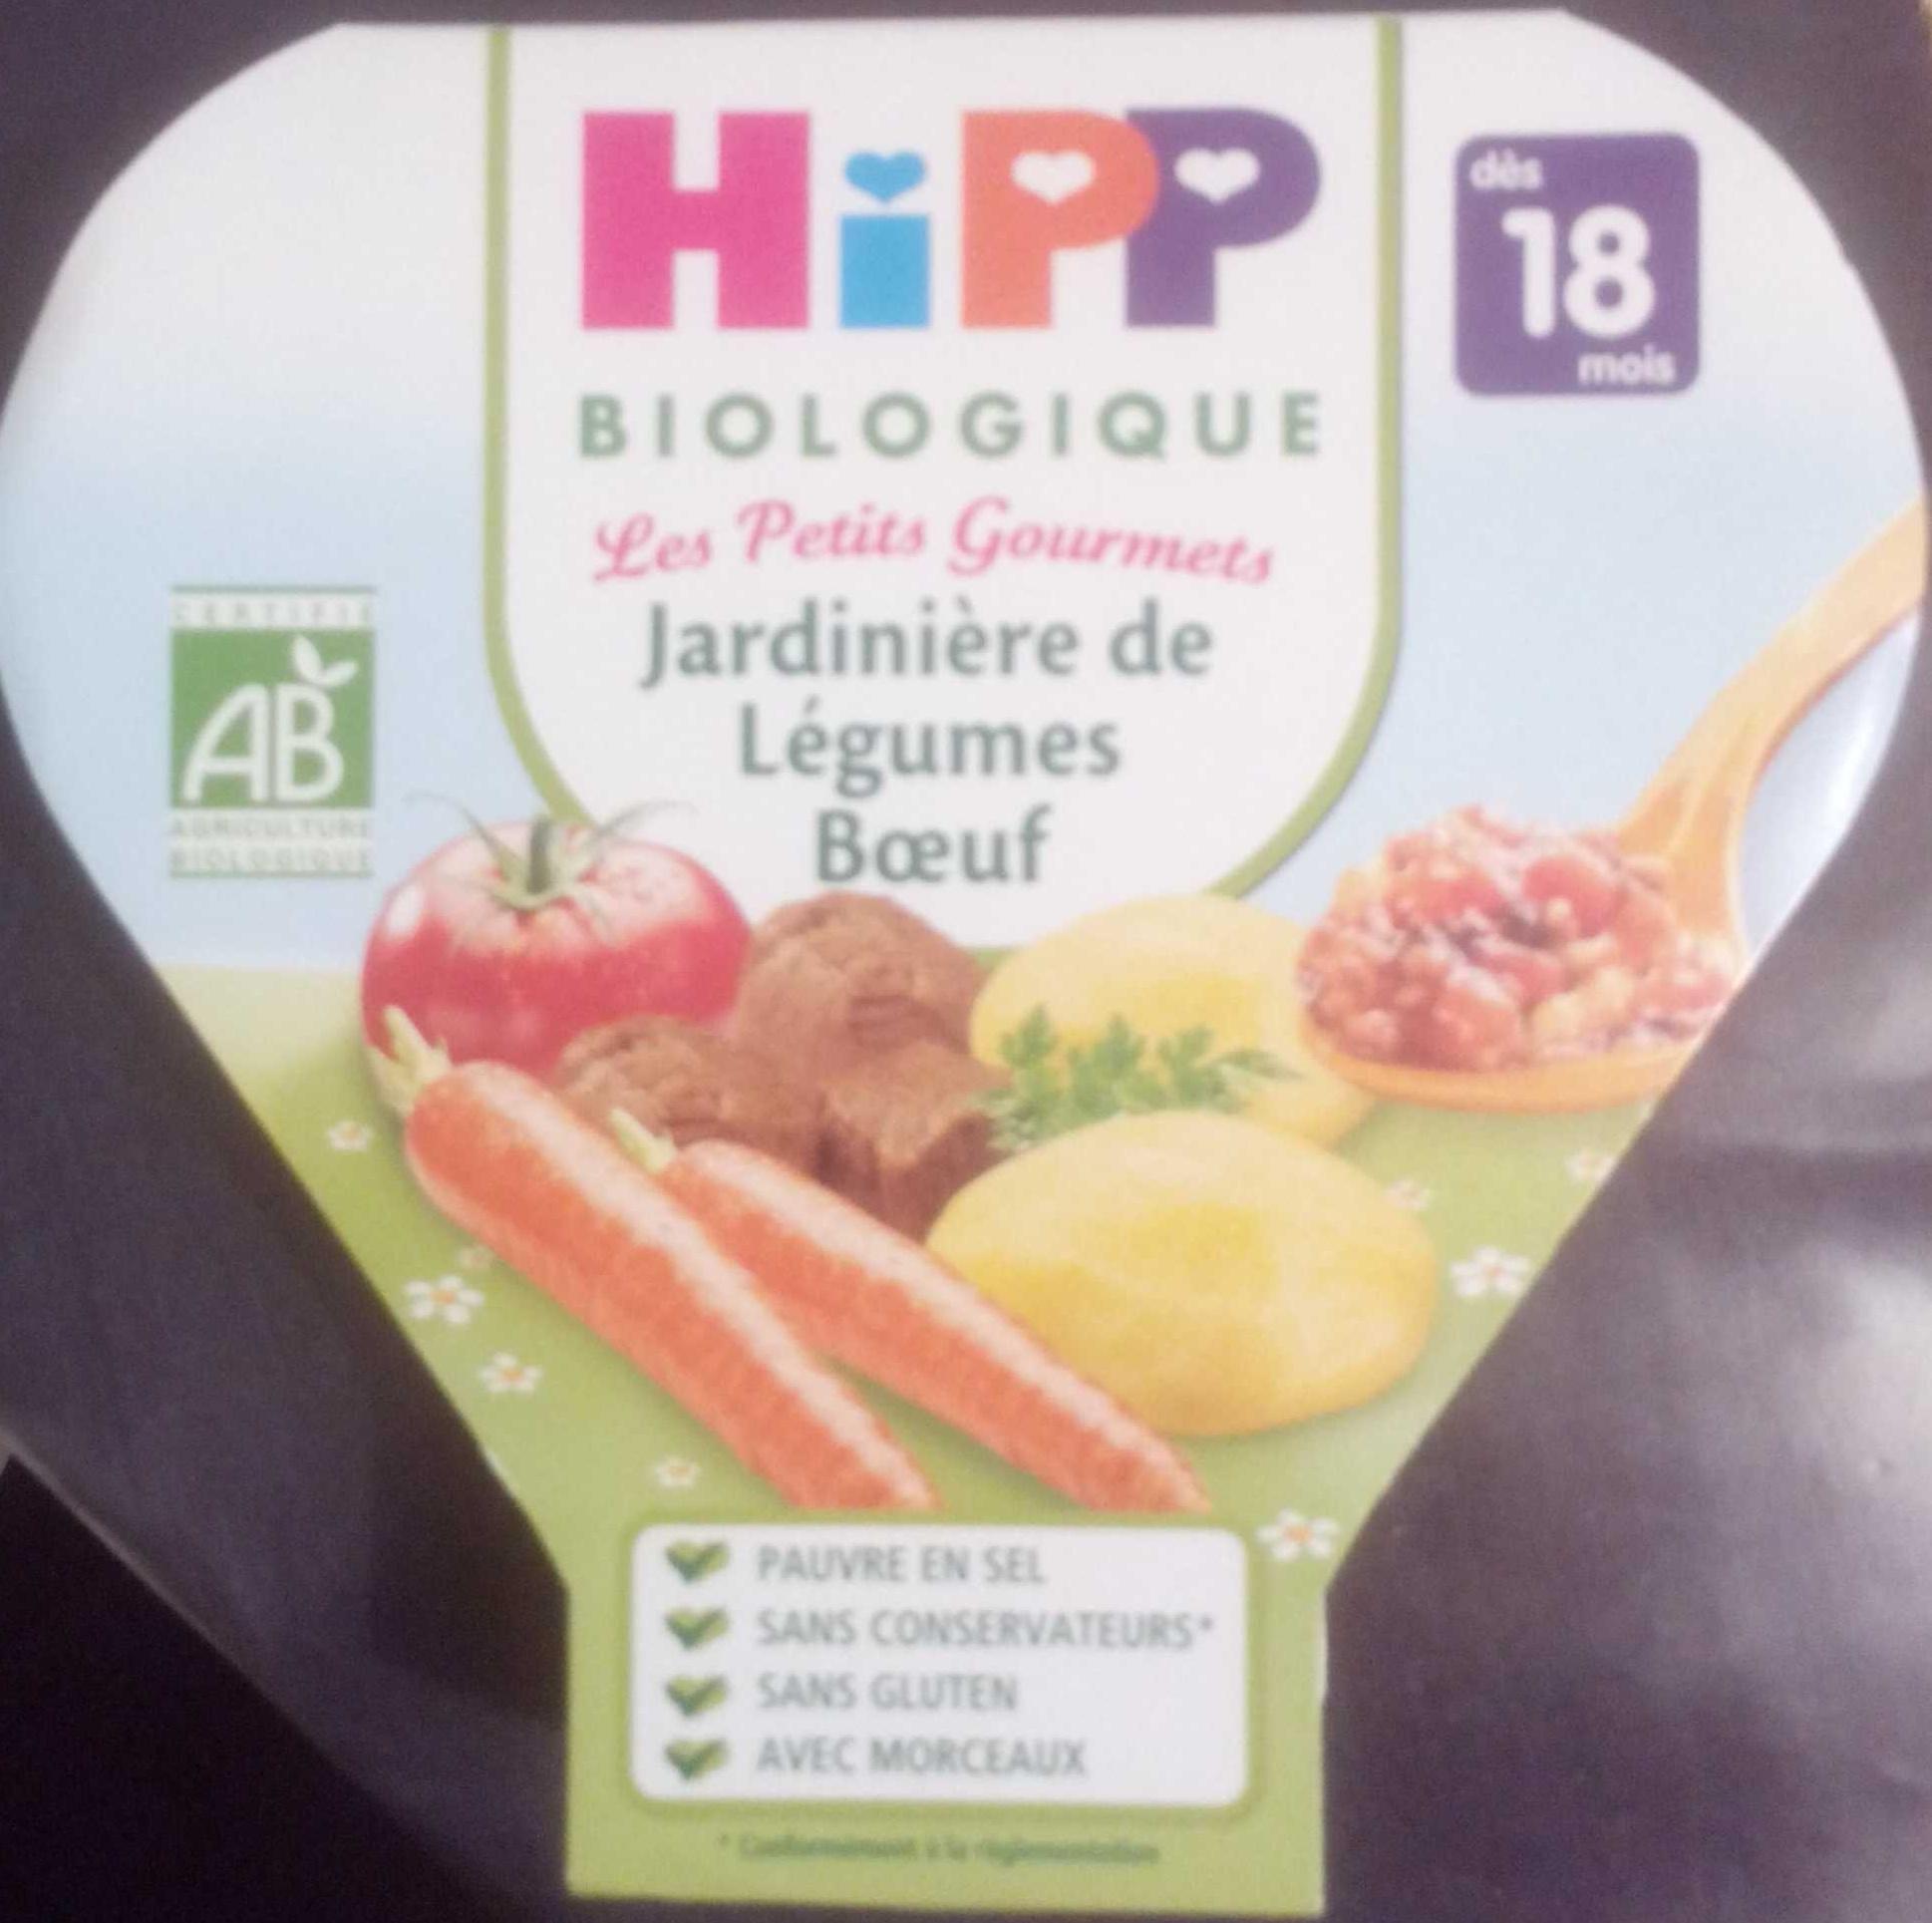 Jardinière de Légumes Bœuf biologique - Prodotto - fr